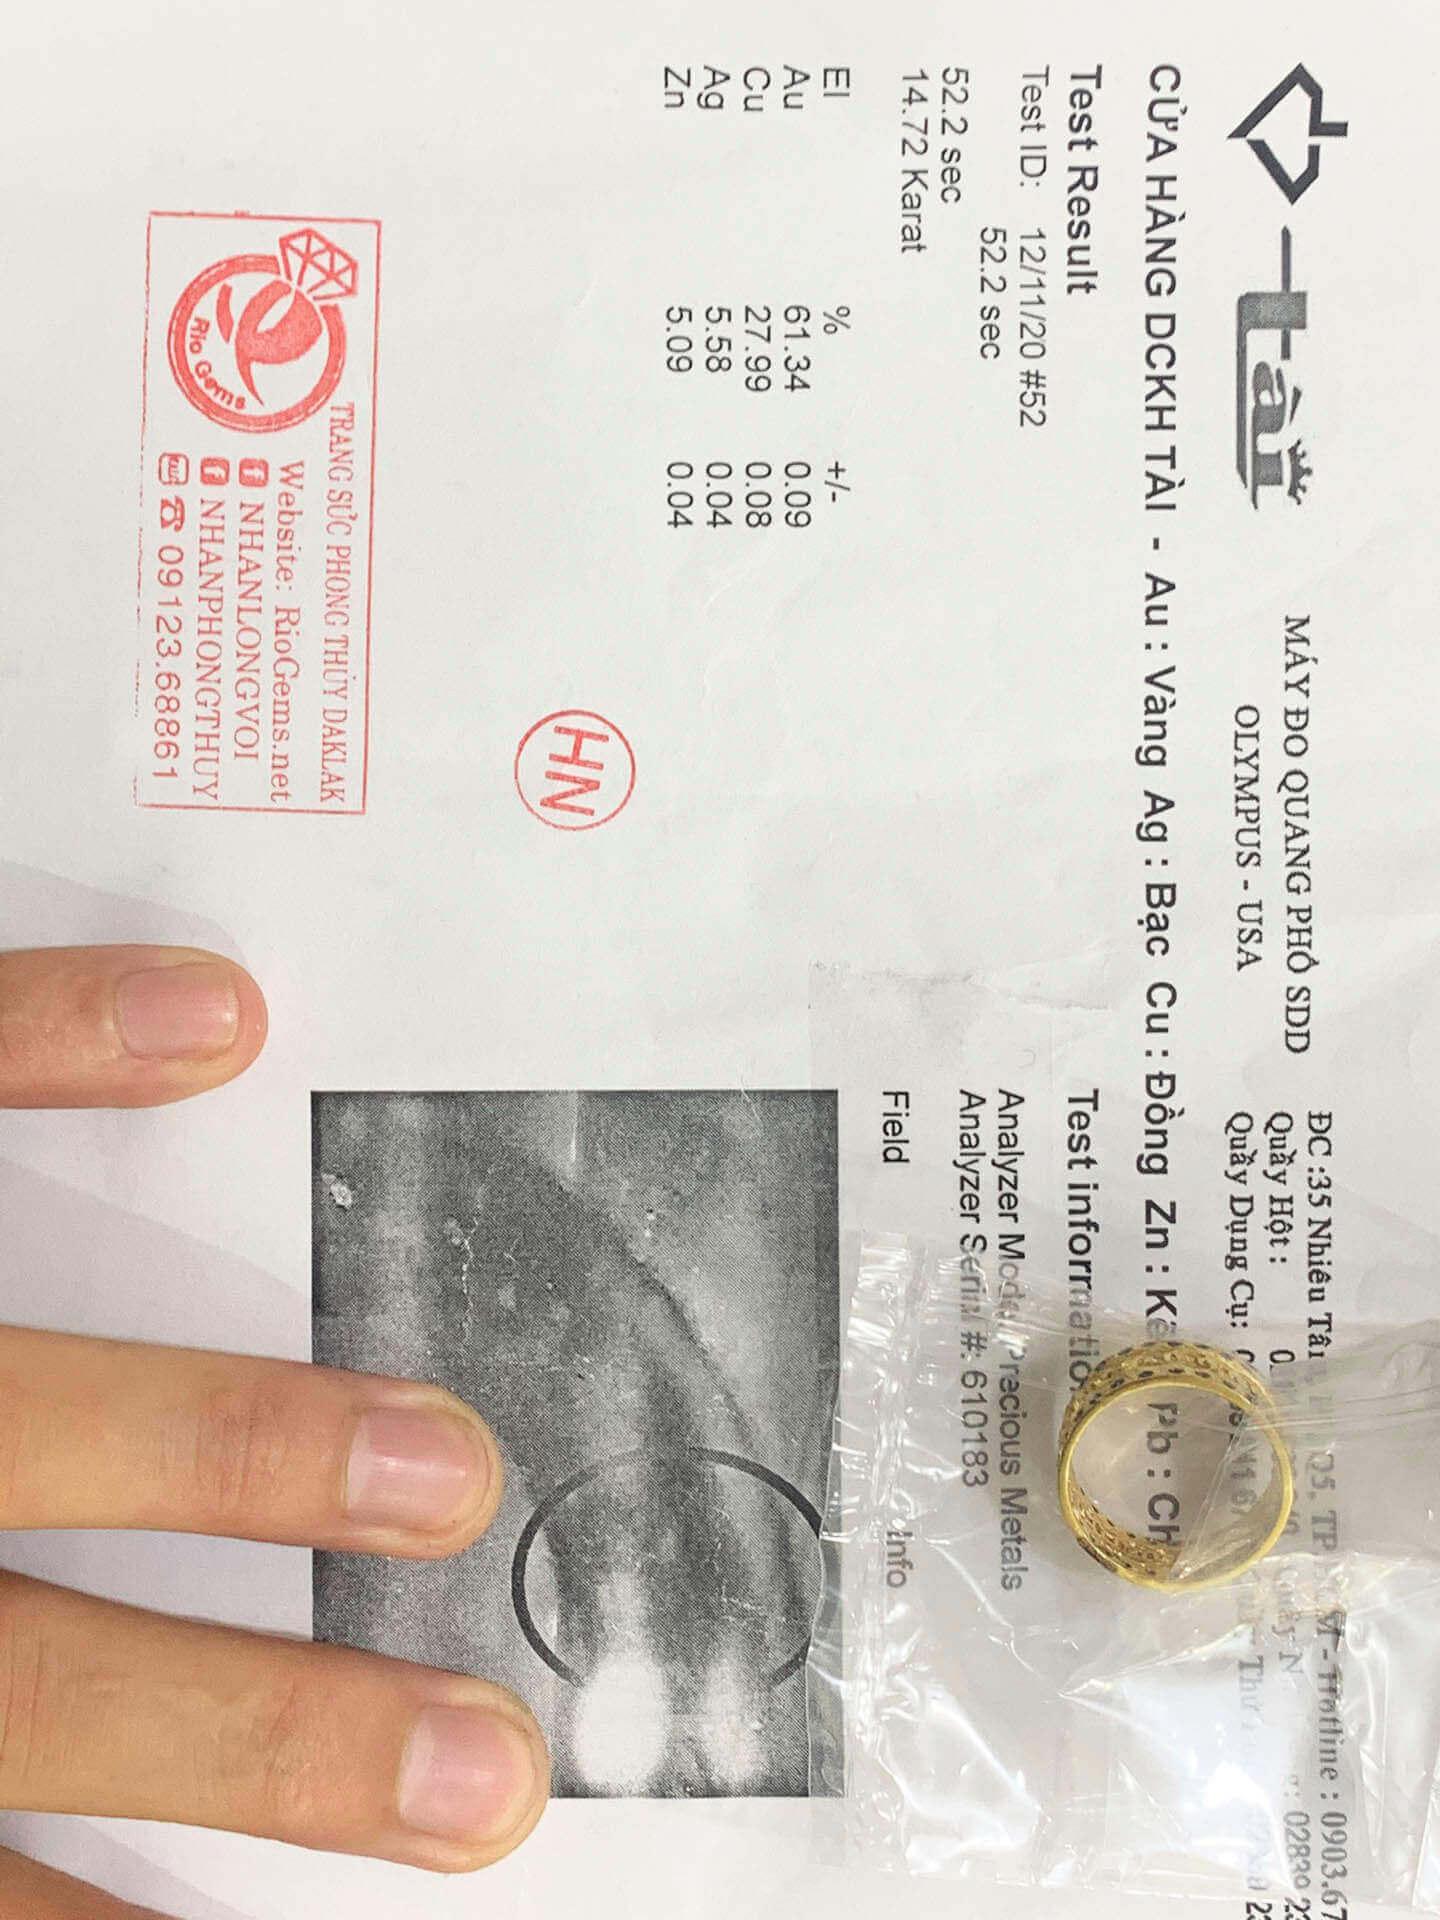 Nhẫn có giấy chứng nhận